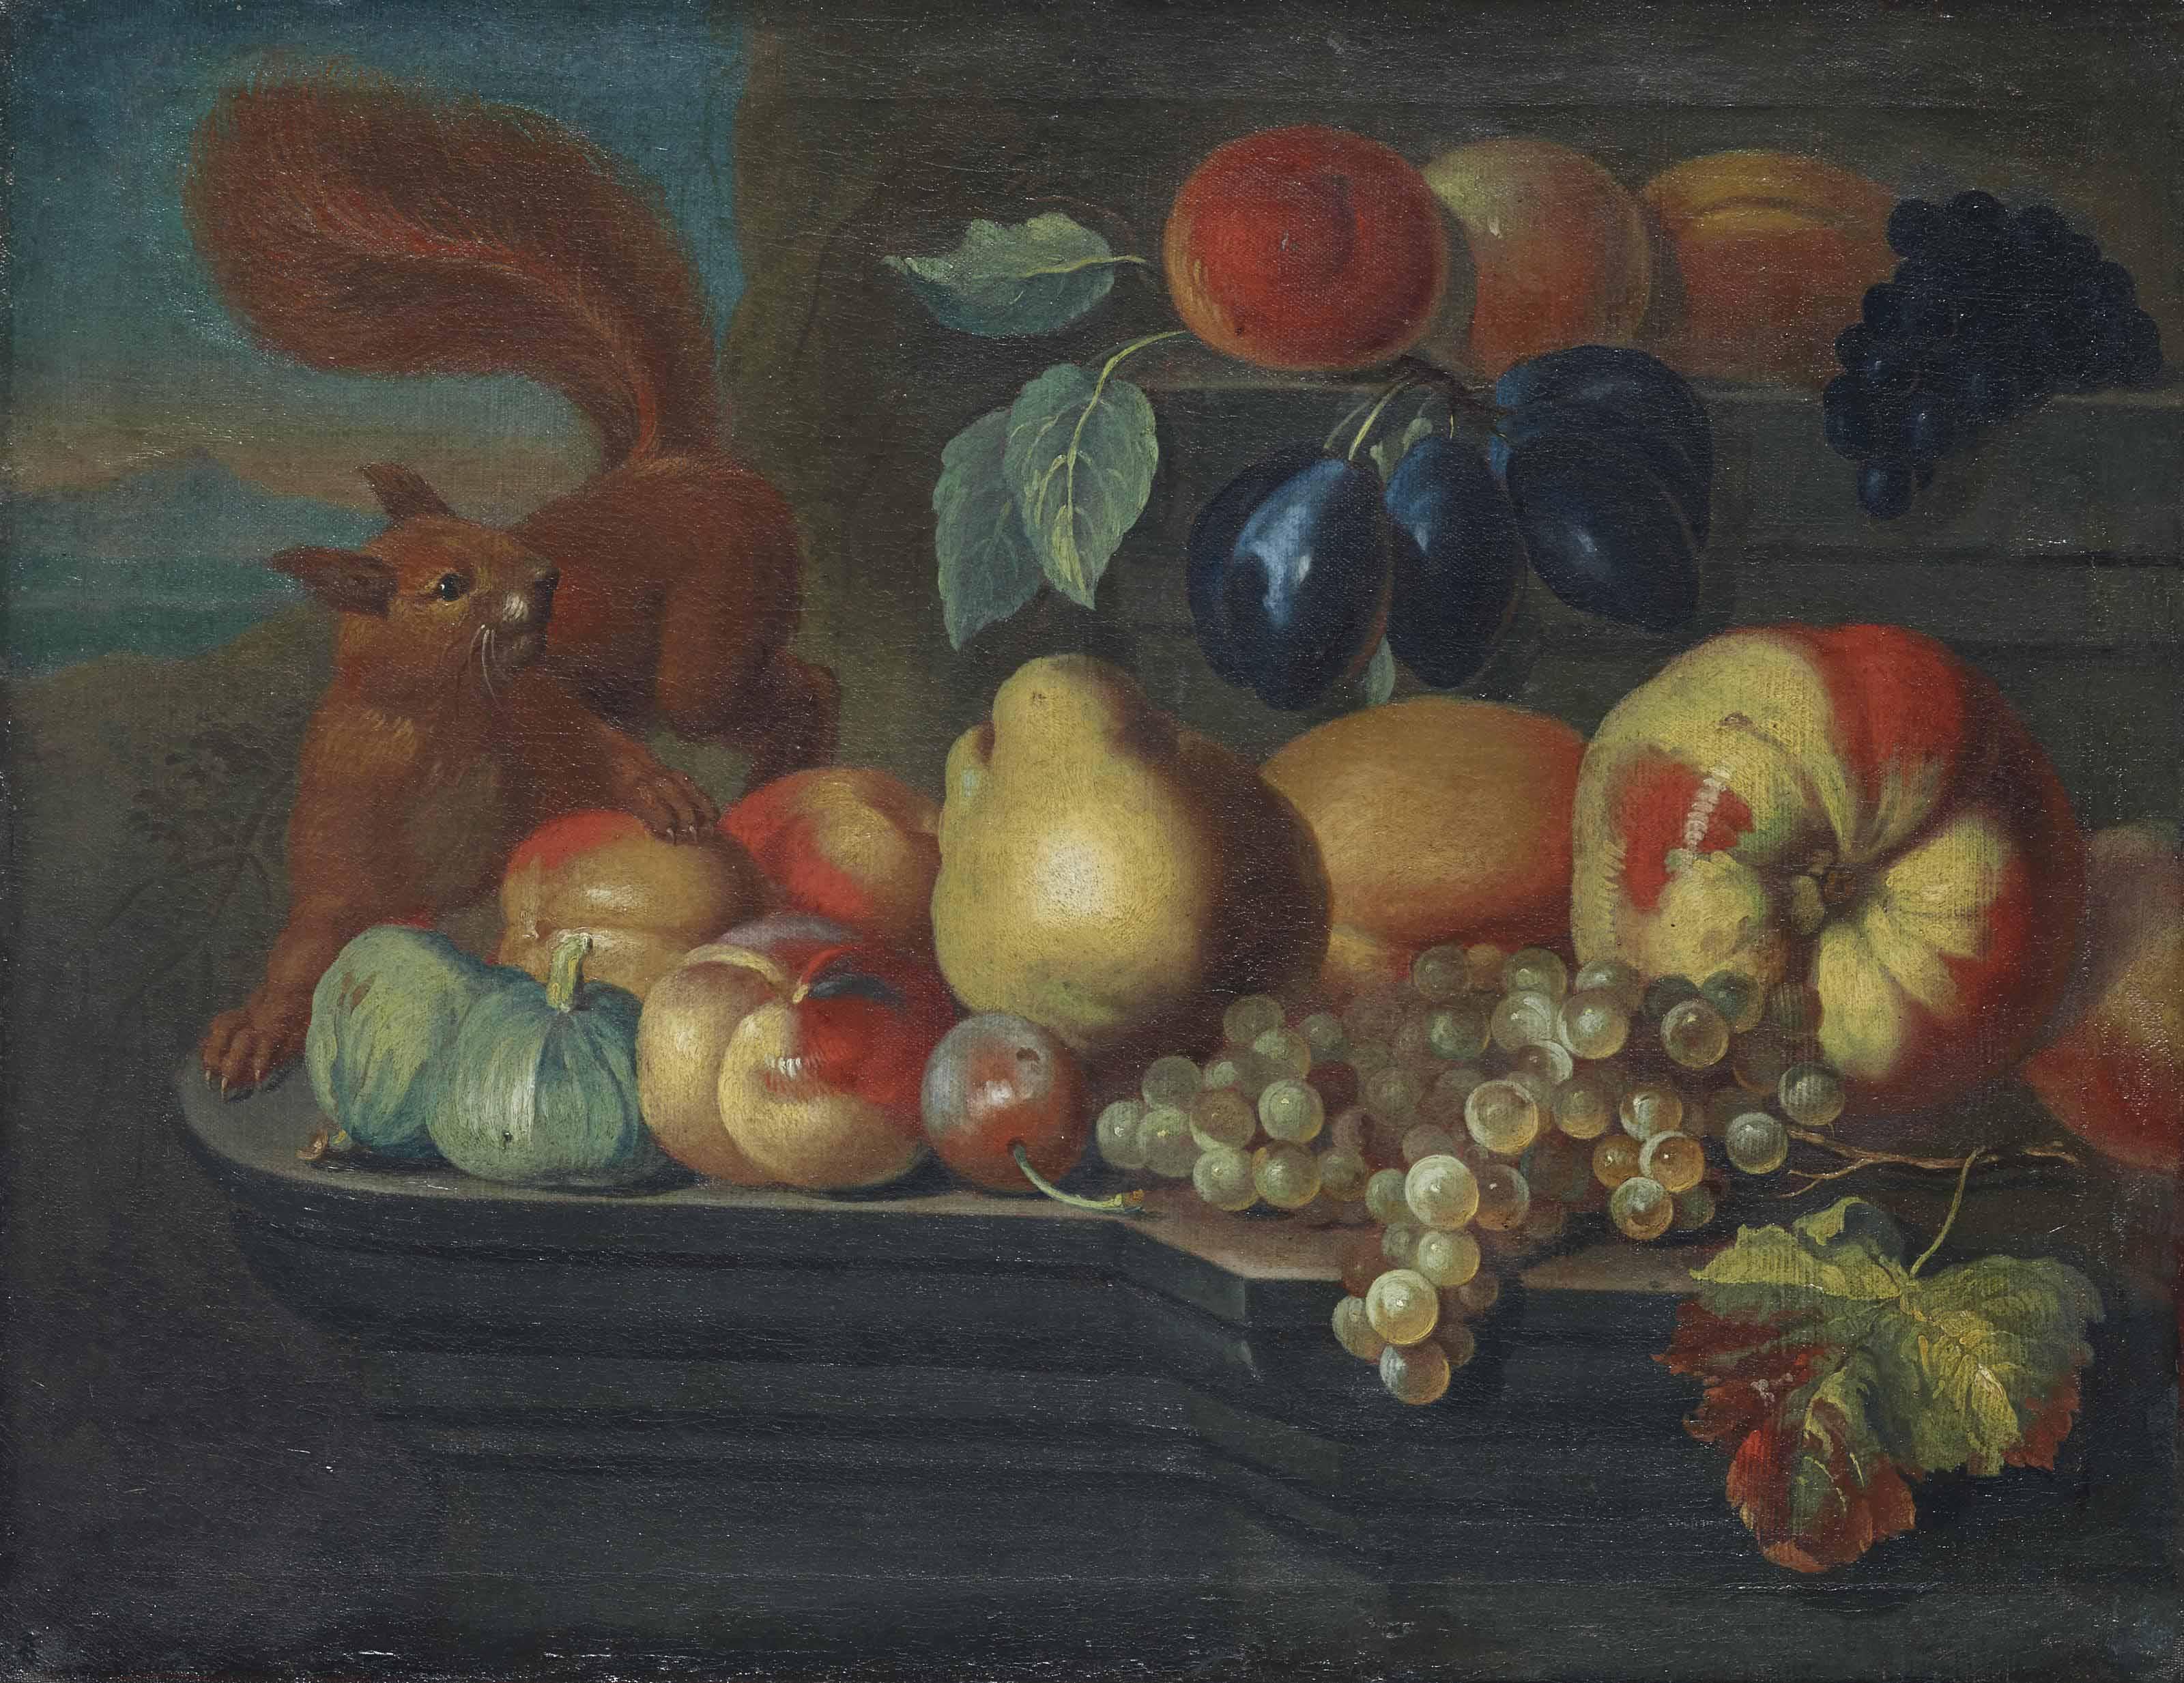 Stillleben, verschiedene Früchte und ein Eichhörnchen